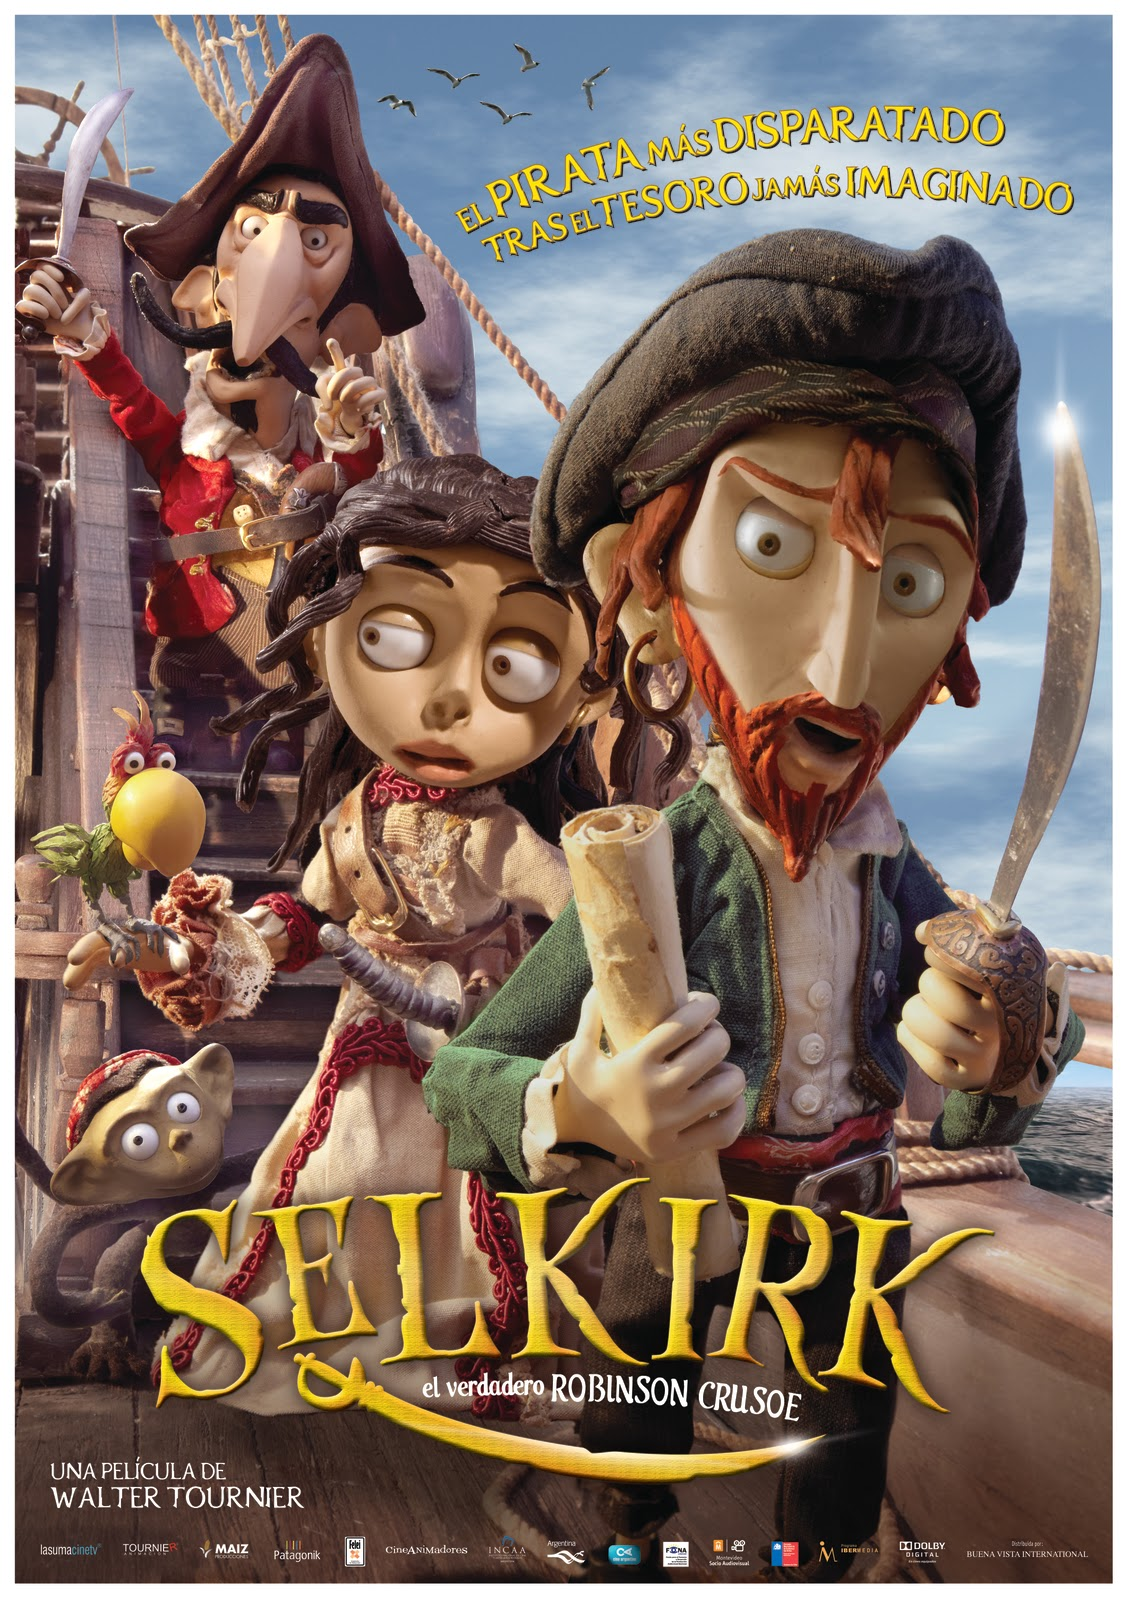 Selkirk: El Descargardadero Robinson Crusoe